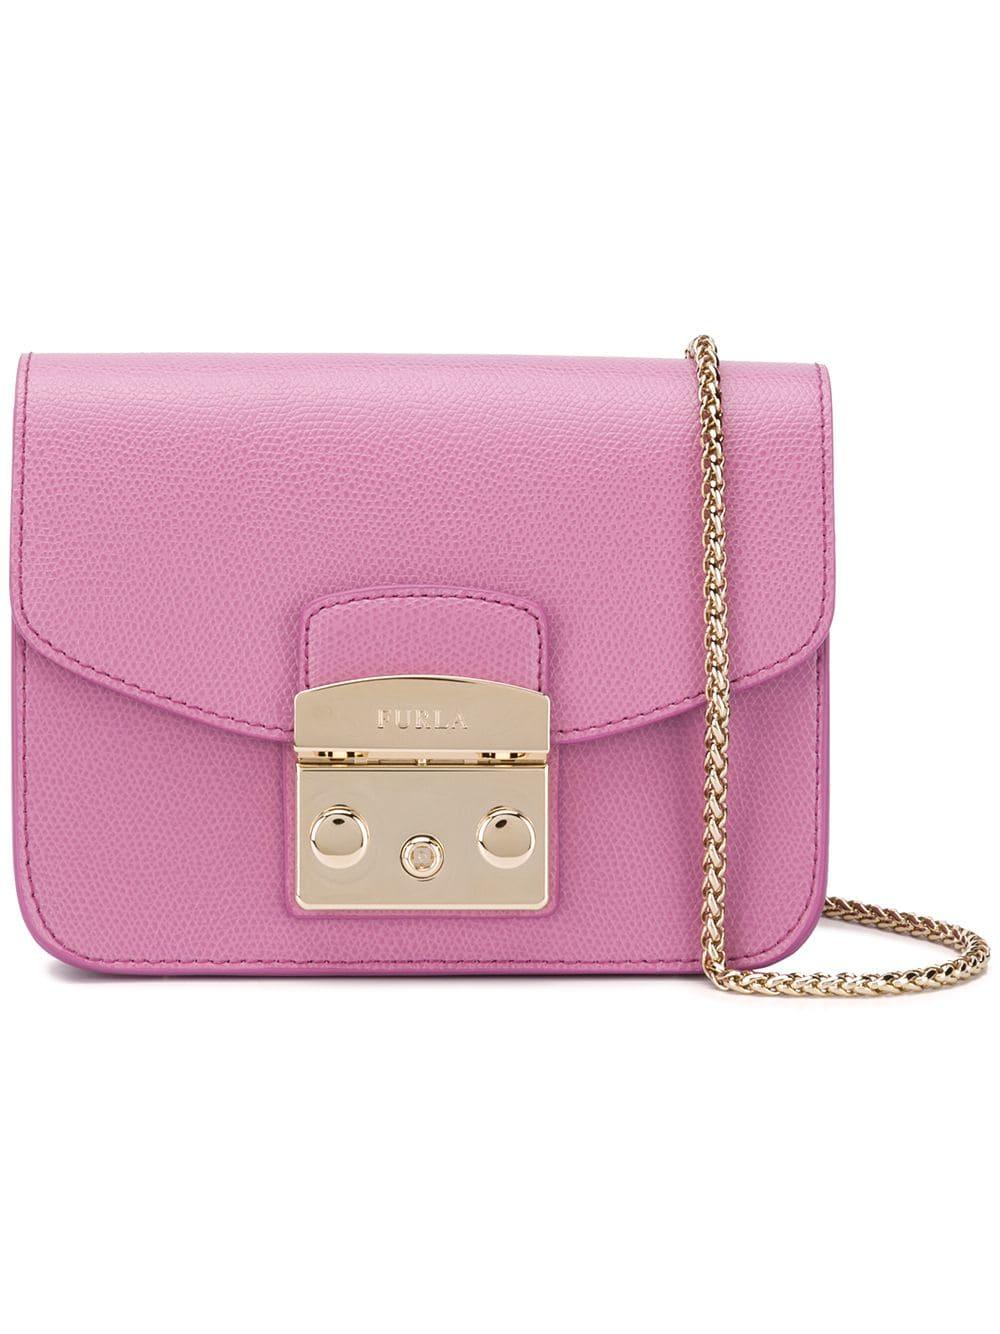 ca4df5ae8 Furla small Metropolis bag - Pink in 2019   Products   Furla, Bags ...